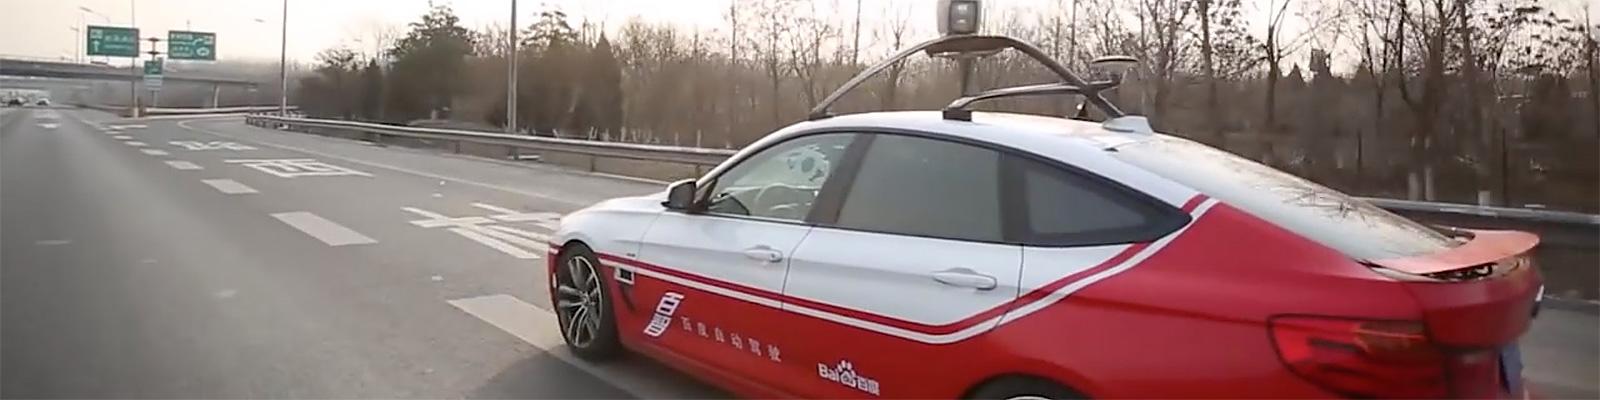 Baidu autonomous car test drive(Baidu Research)